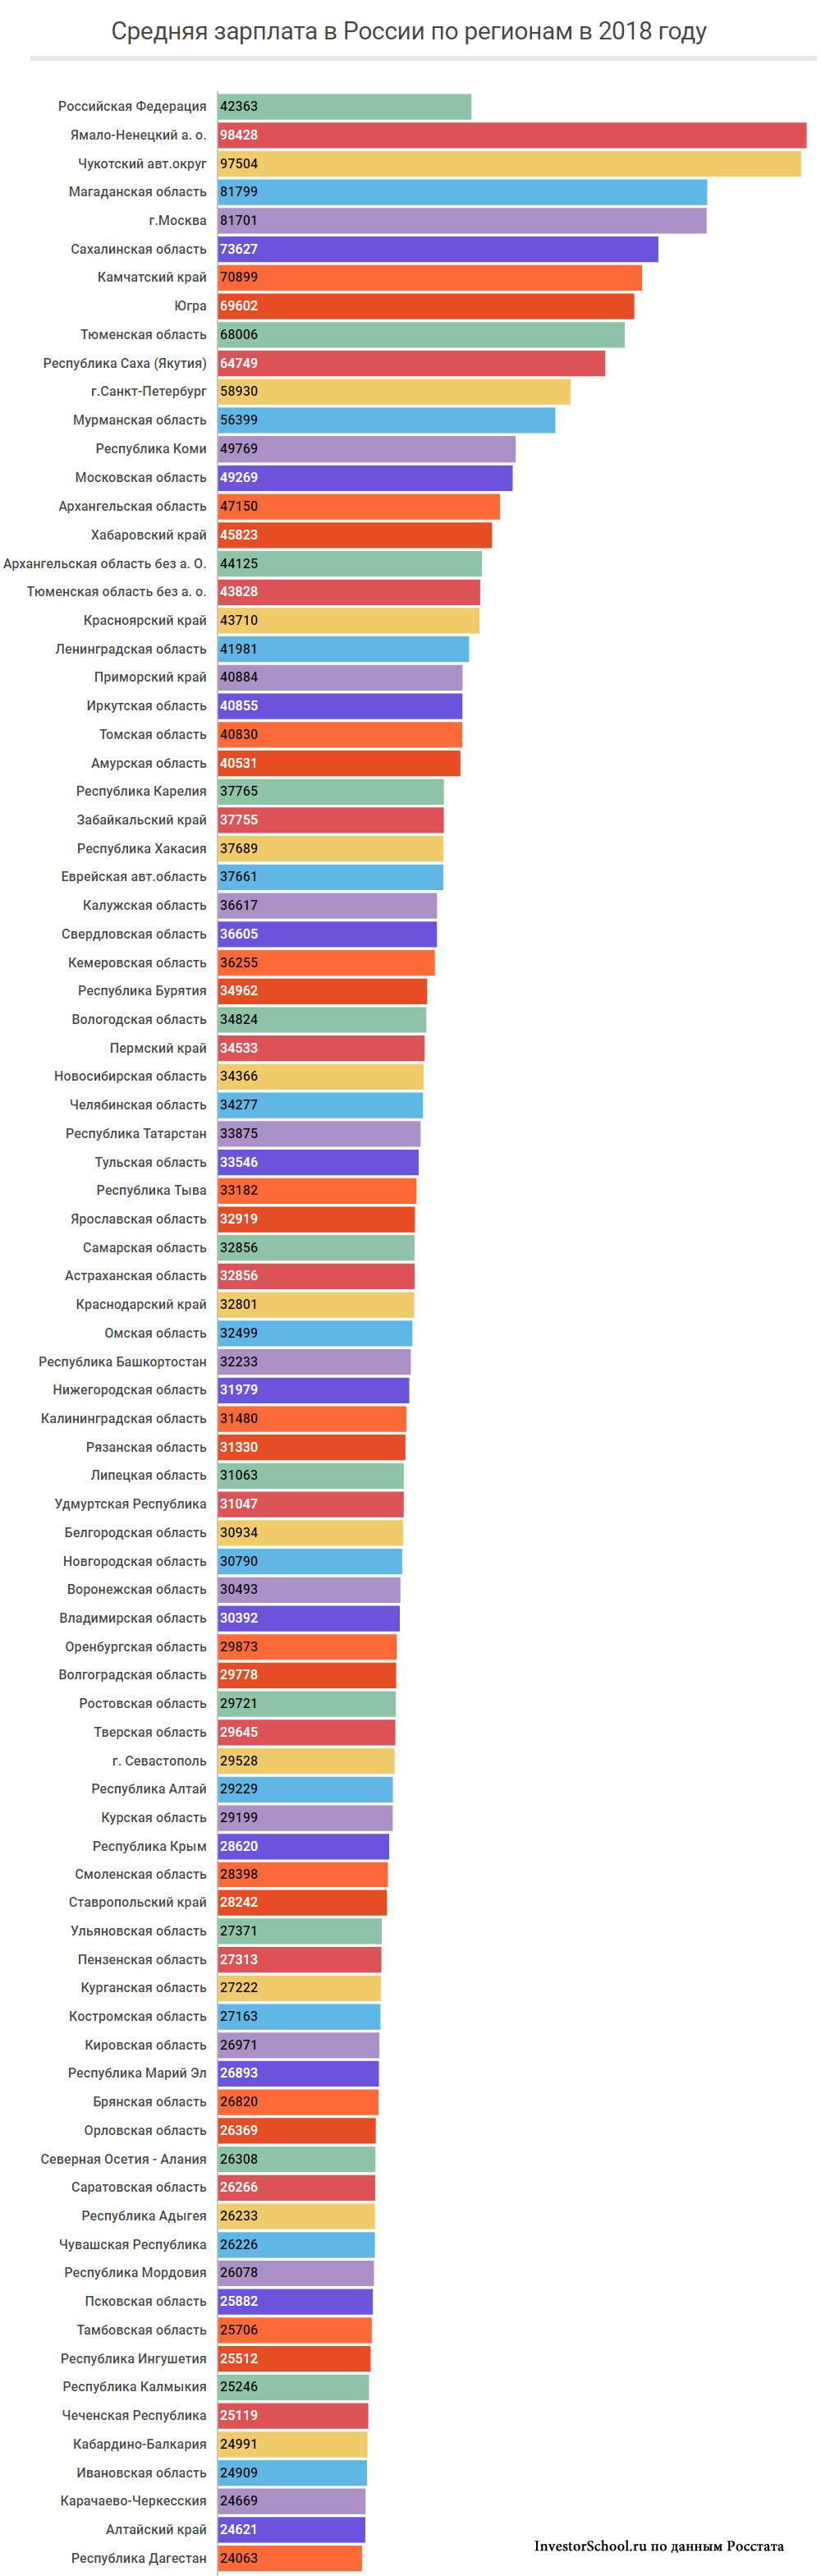 Средняя зарплата в 2018 году в РФ по регионам